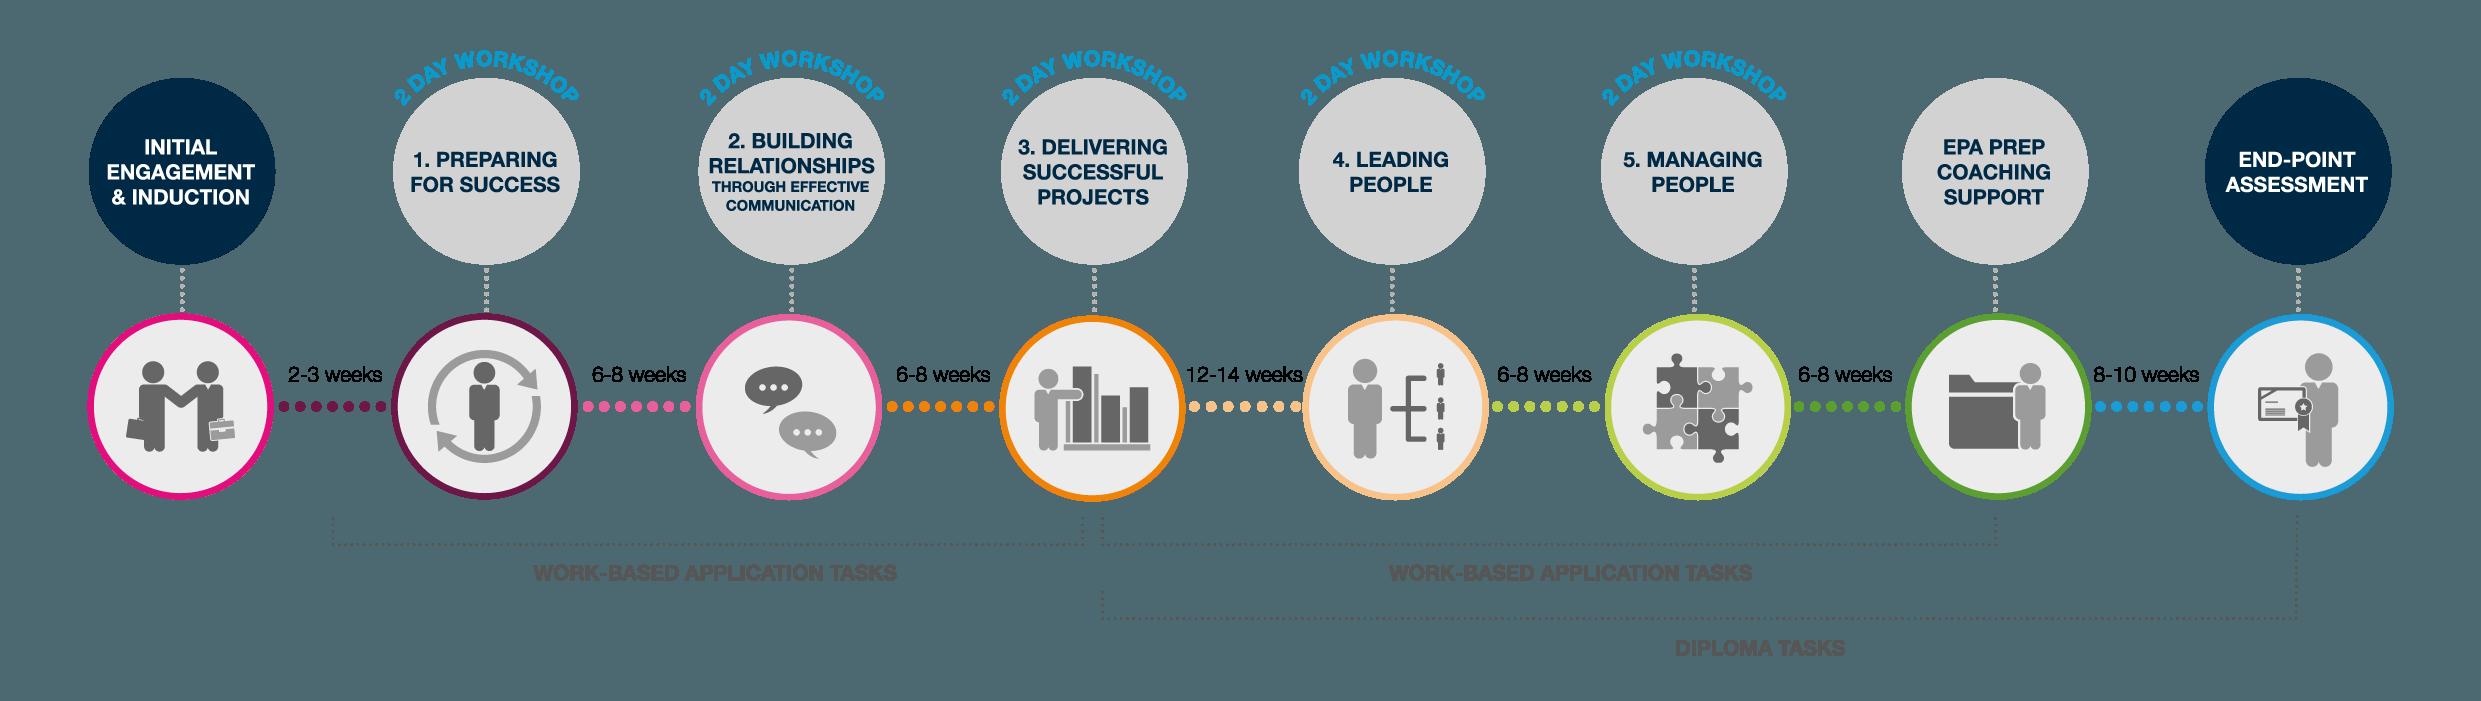 Level 3 Leadership & Management Timeline